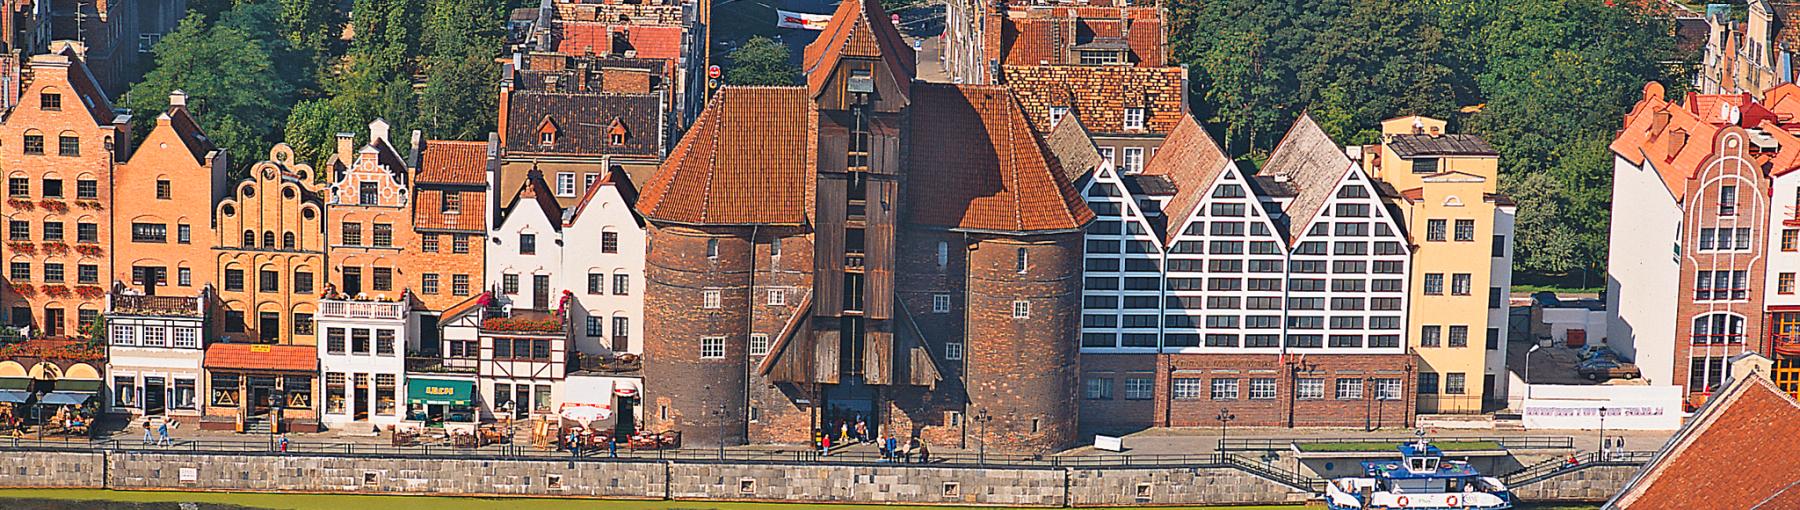 Gdansk 4-daagse vliegreis